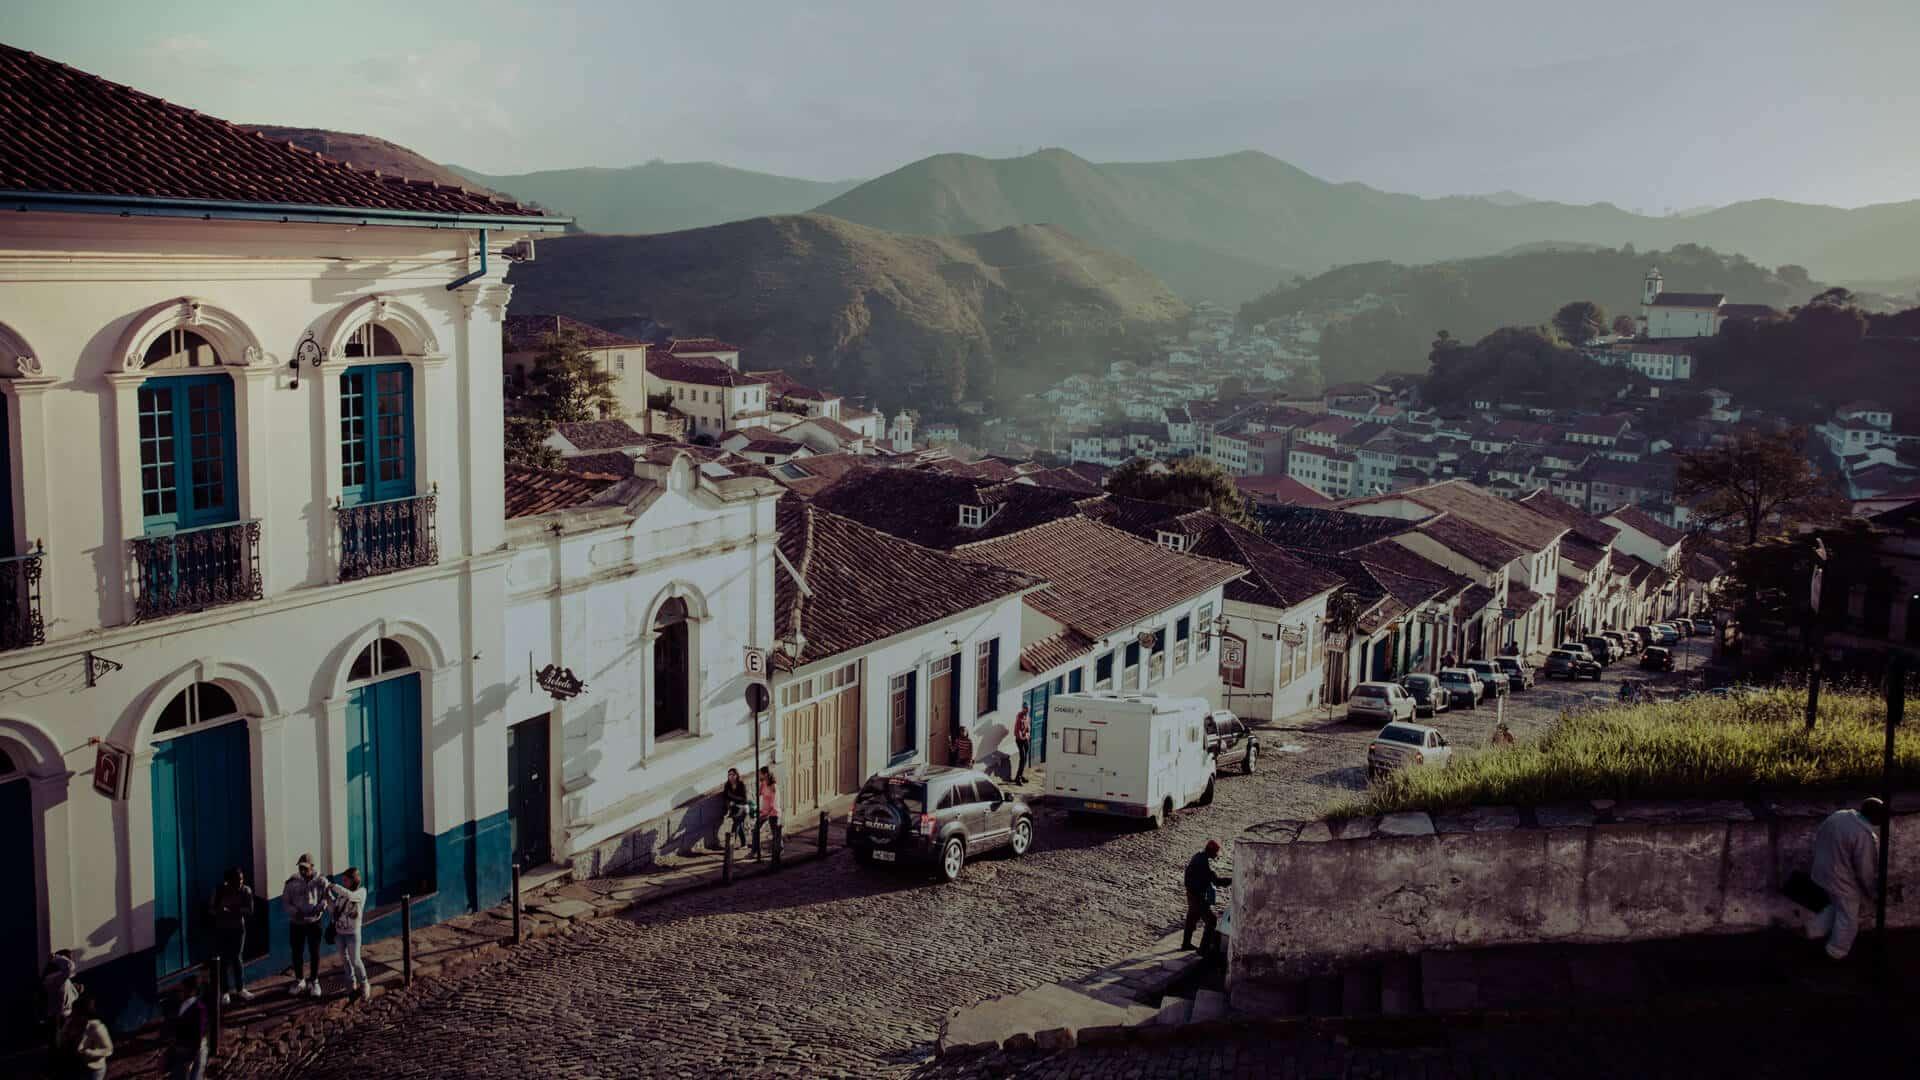 Curso de inglês e espanhol em Minas Gerais